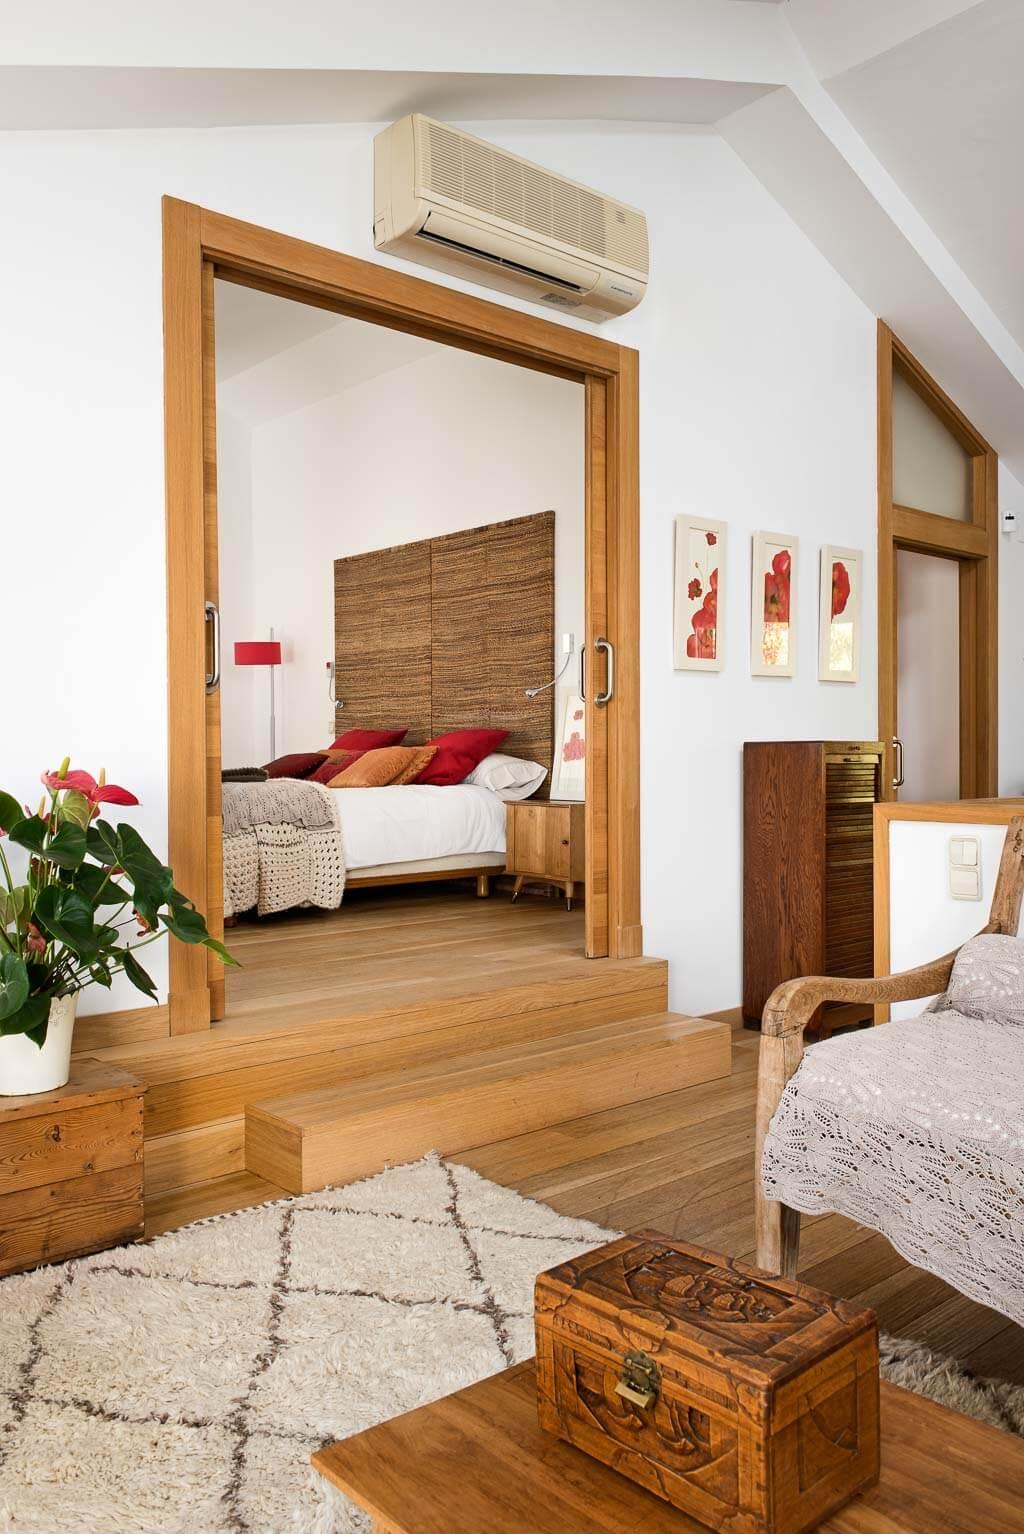 Interior design in wood